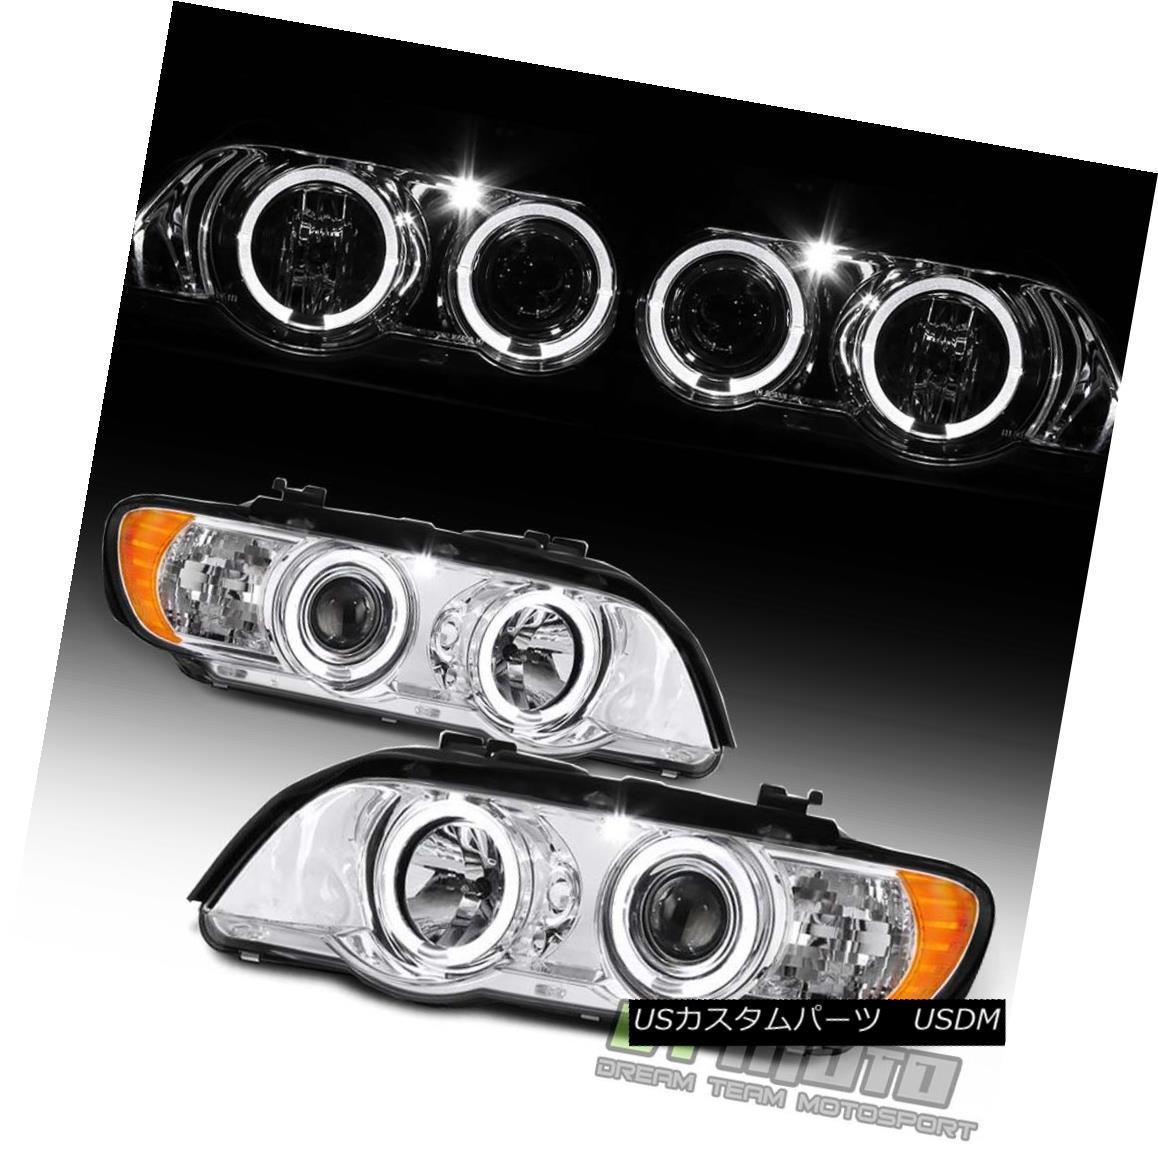 ヘッドライト 2000 2001 2002 2003 BMW E53 X5 LED Angel Eye Halo Projector Headlights Headlamps 2000 2001 2002 2003 BMW E53 X5 LEDエンジェルアイハロープロジェクターヘッドライトヘッドランプ